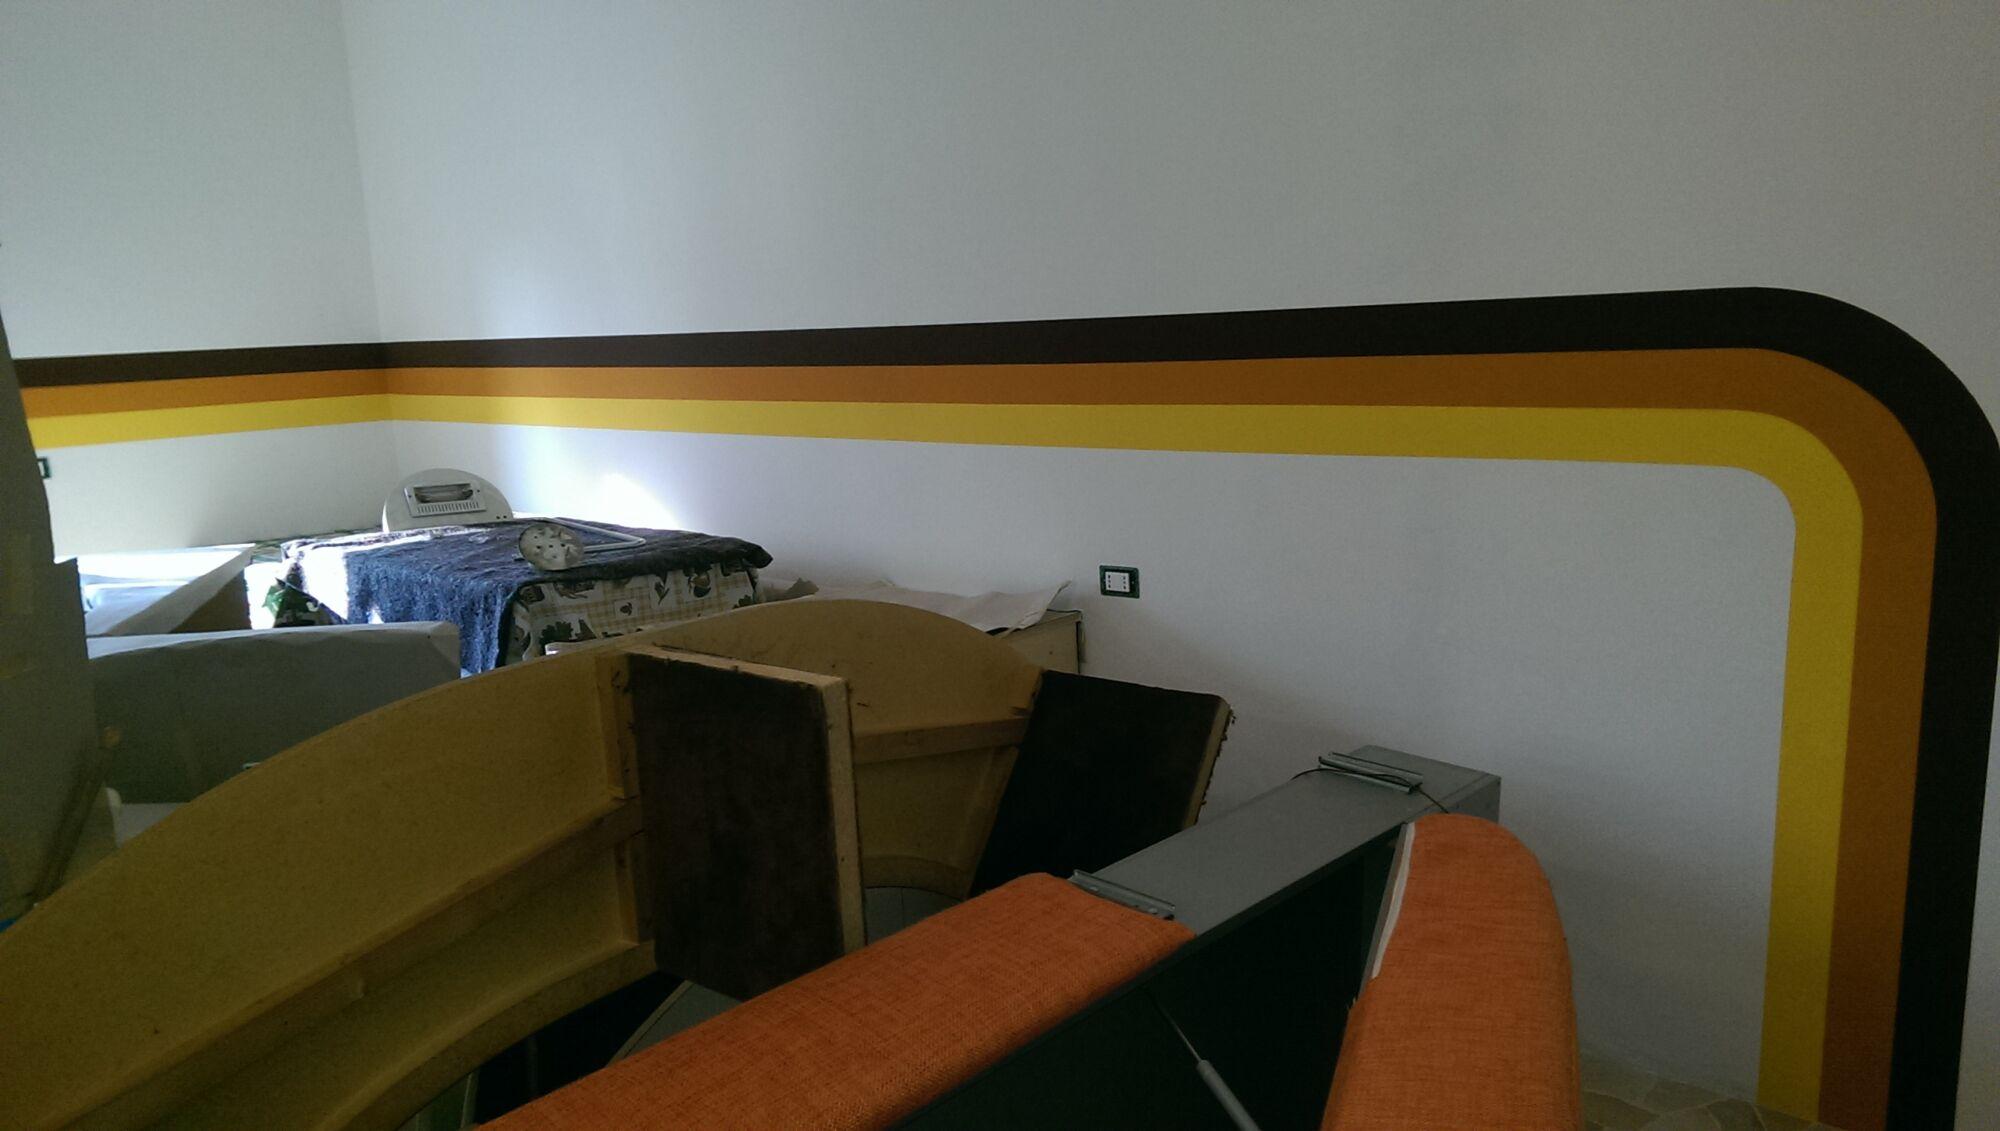 """CoCoter snc: fotografia dello """"striscio mania"""" in nero, arancione e giallo"""